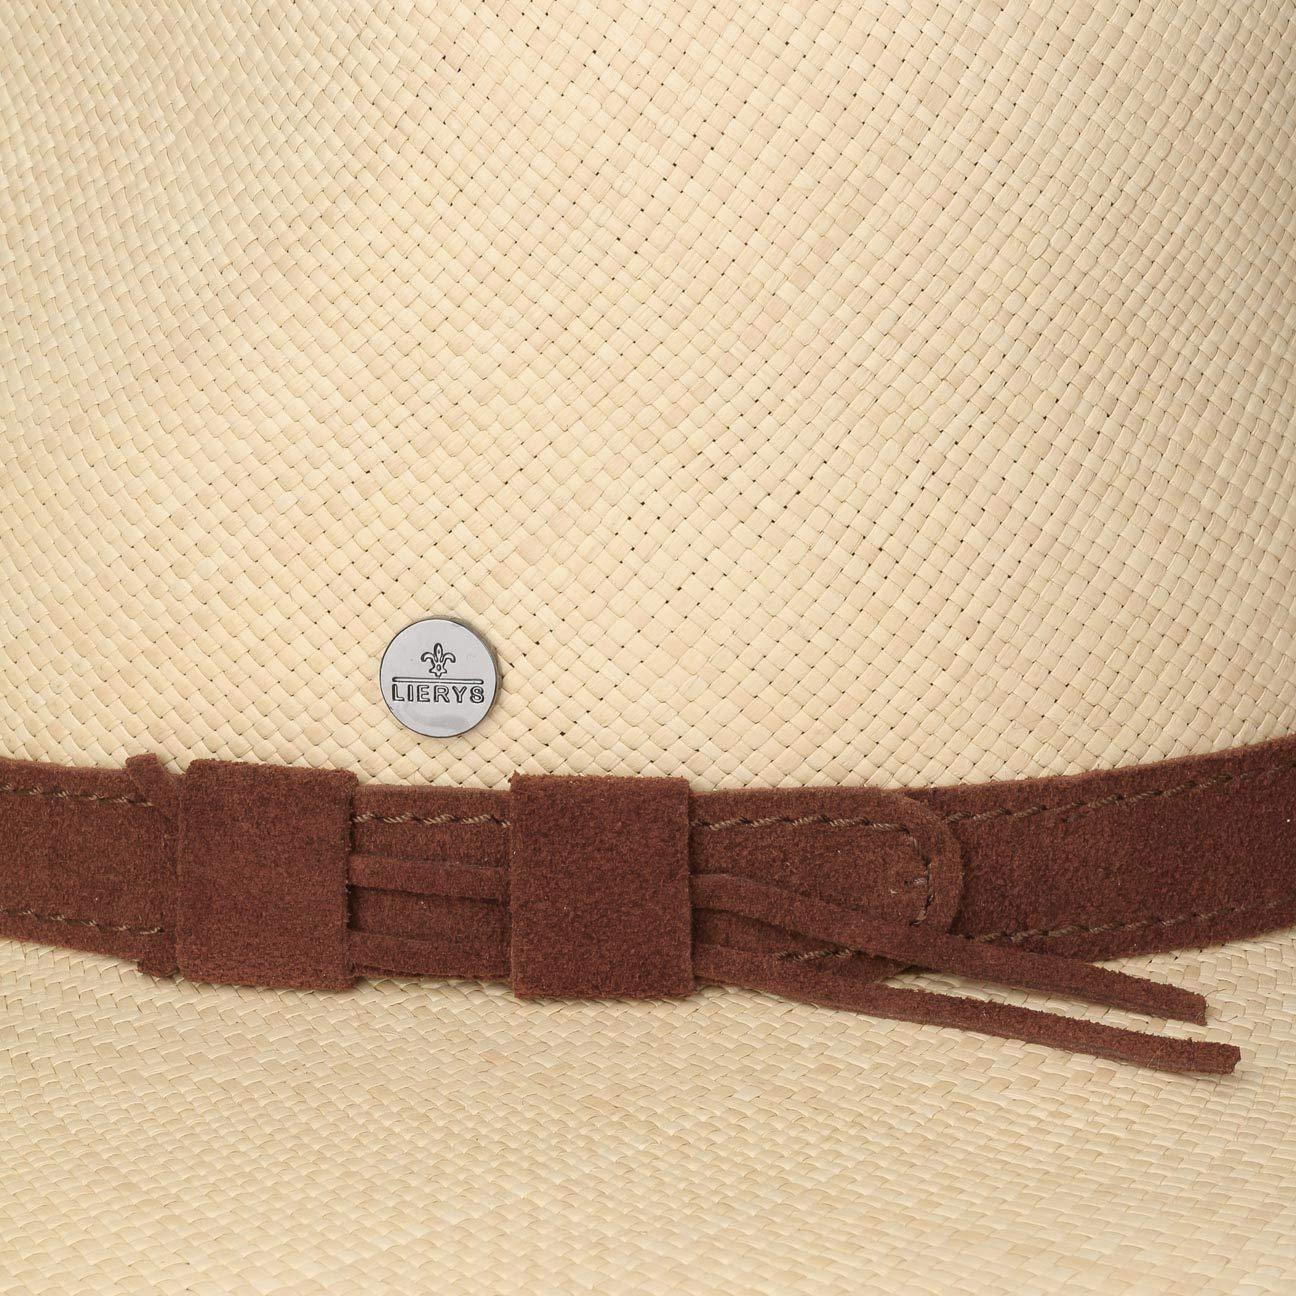 9a2c7c162de Lierys Big Brim Panama Traveller Hat Fedora (XL (61-62 cm) - Nature)   Amazon.co.uk  Clothing